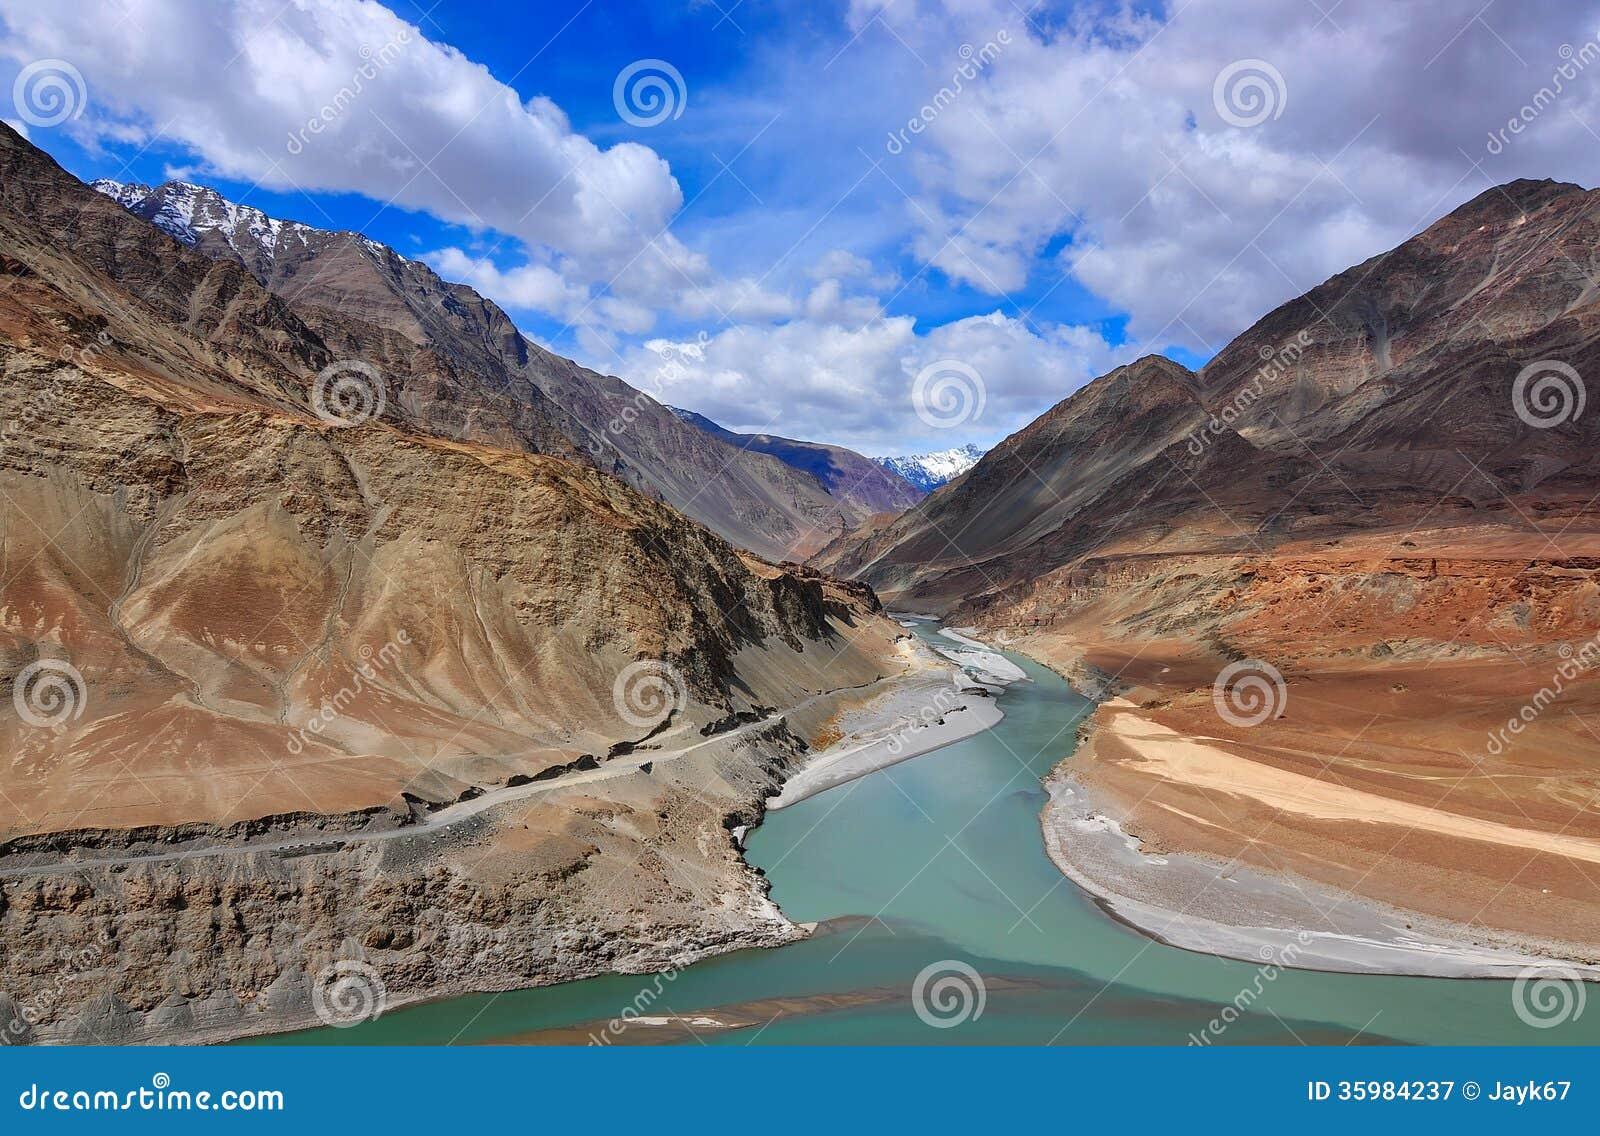 Confluent des rivières Indus et Zanskar